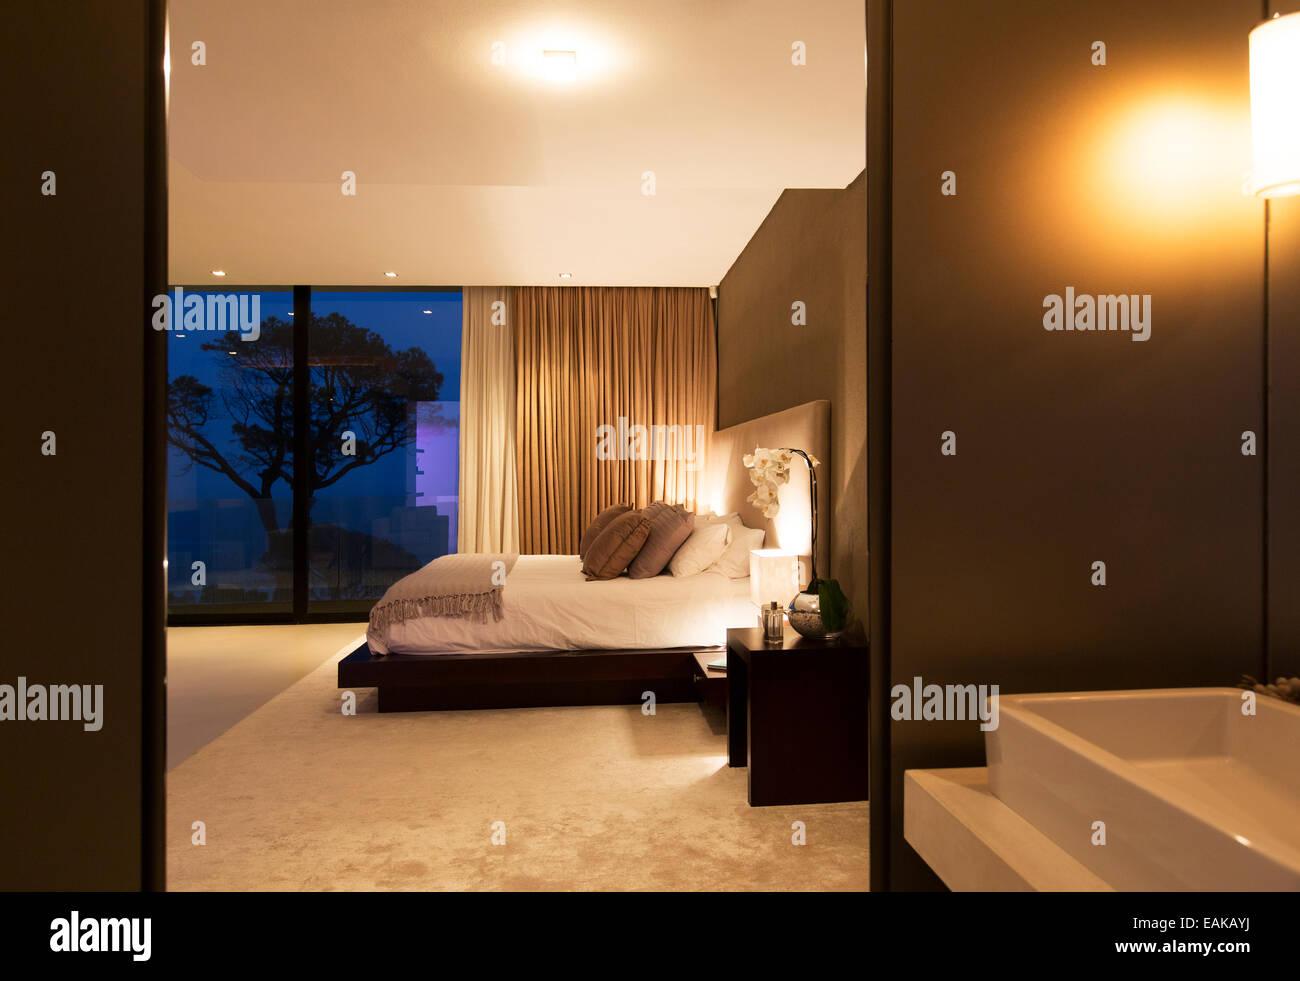 Camera Da Letto Beige : Beige e bianco camera da letto con letto matrimoniale vista dal